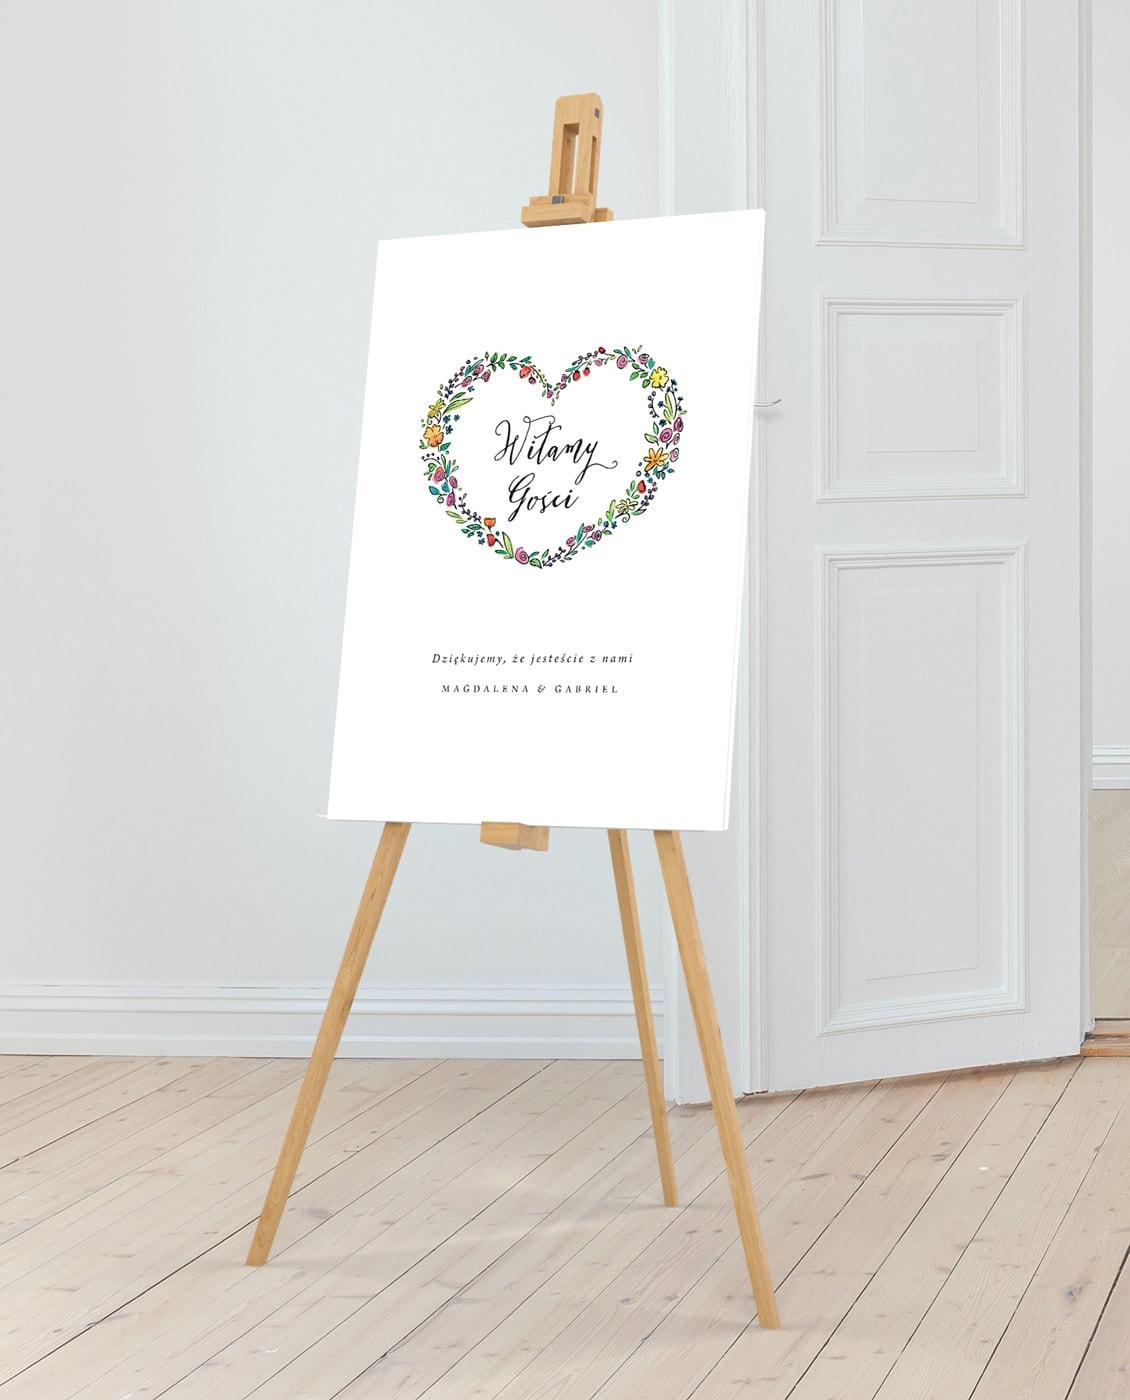 Tablica z powitaniem gości i imionami Pary Młodej w sercu z kwiatów